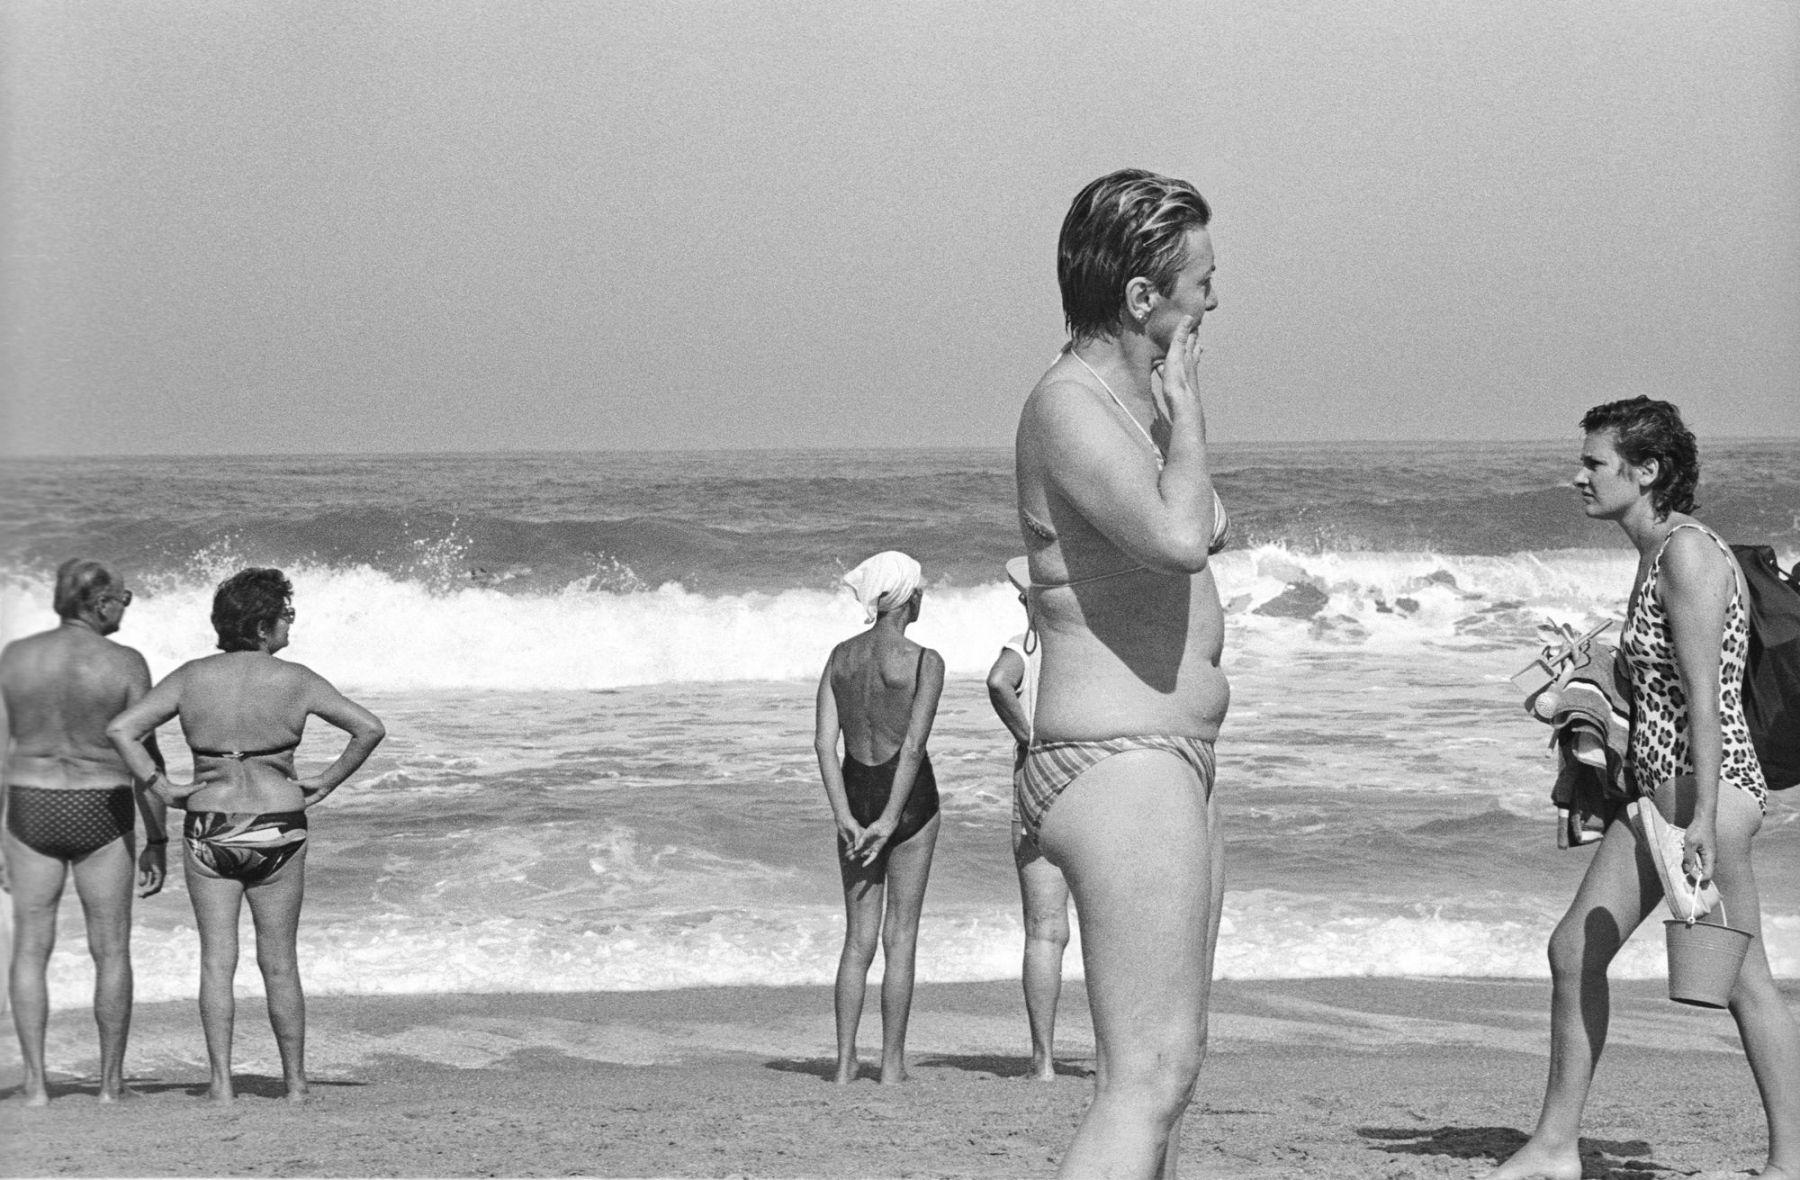 MichelAycaguer-Biarritz-GrandePlage-1988-PointFixe-Leica-12